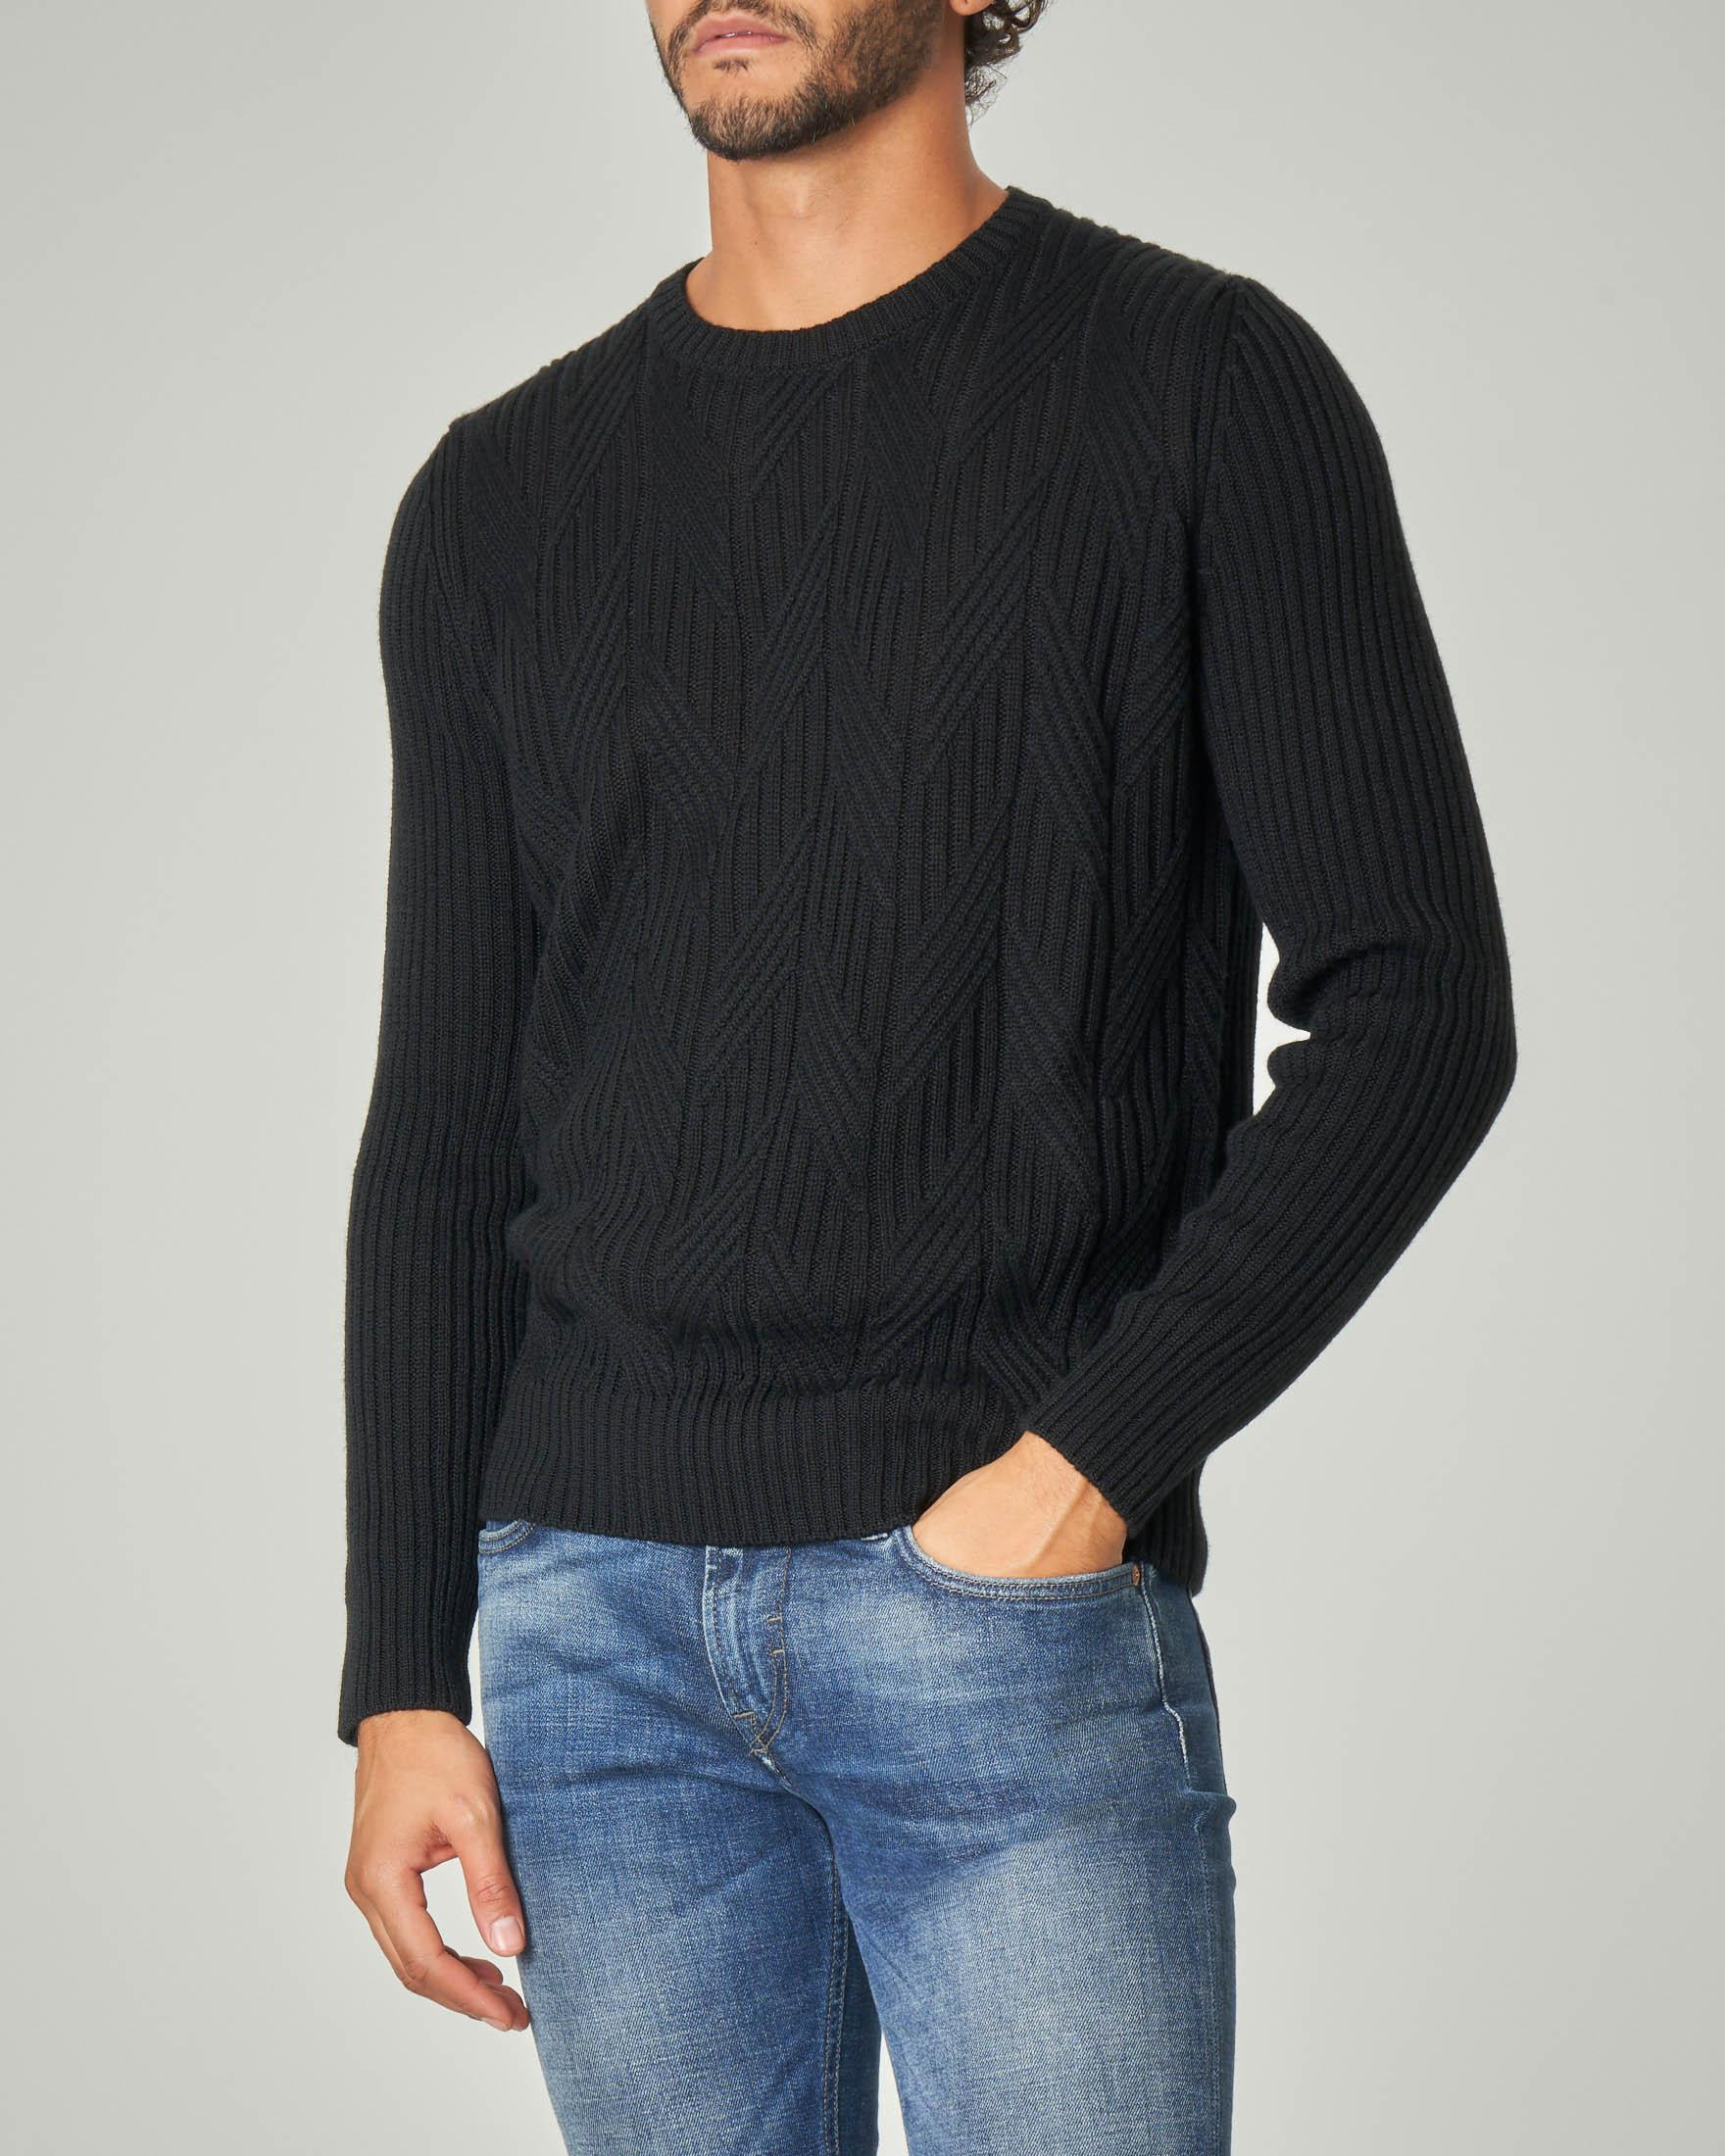 Maglia girocollo nera in misto lana merino a coste